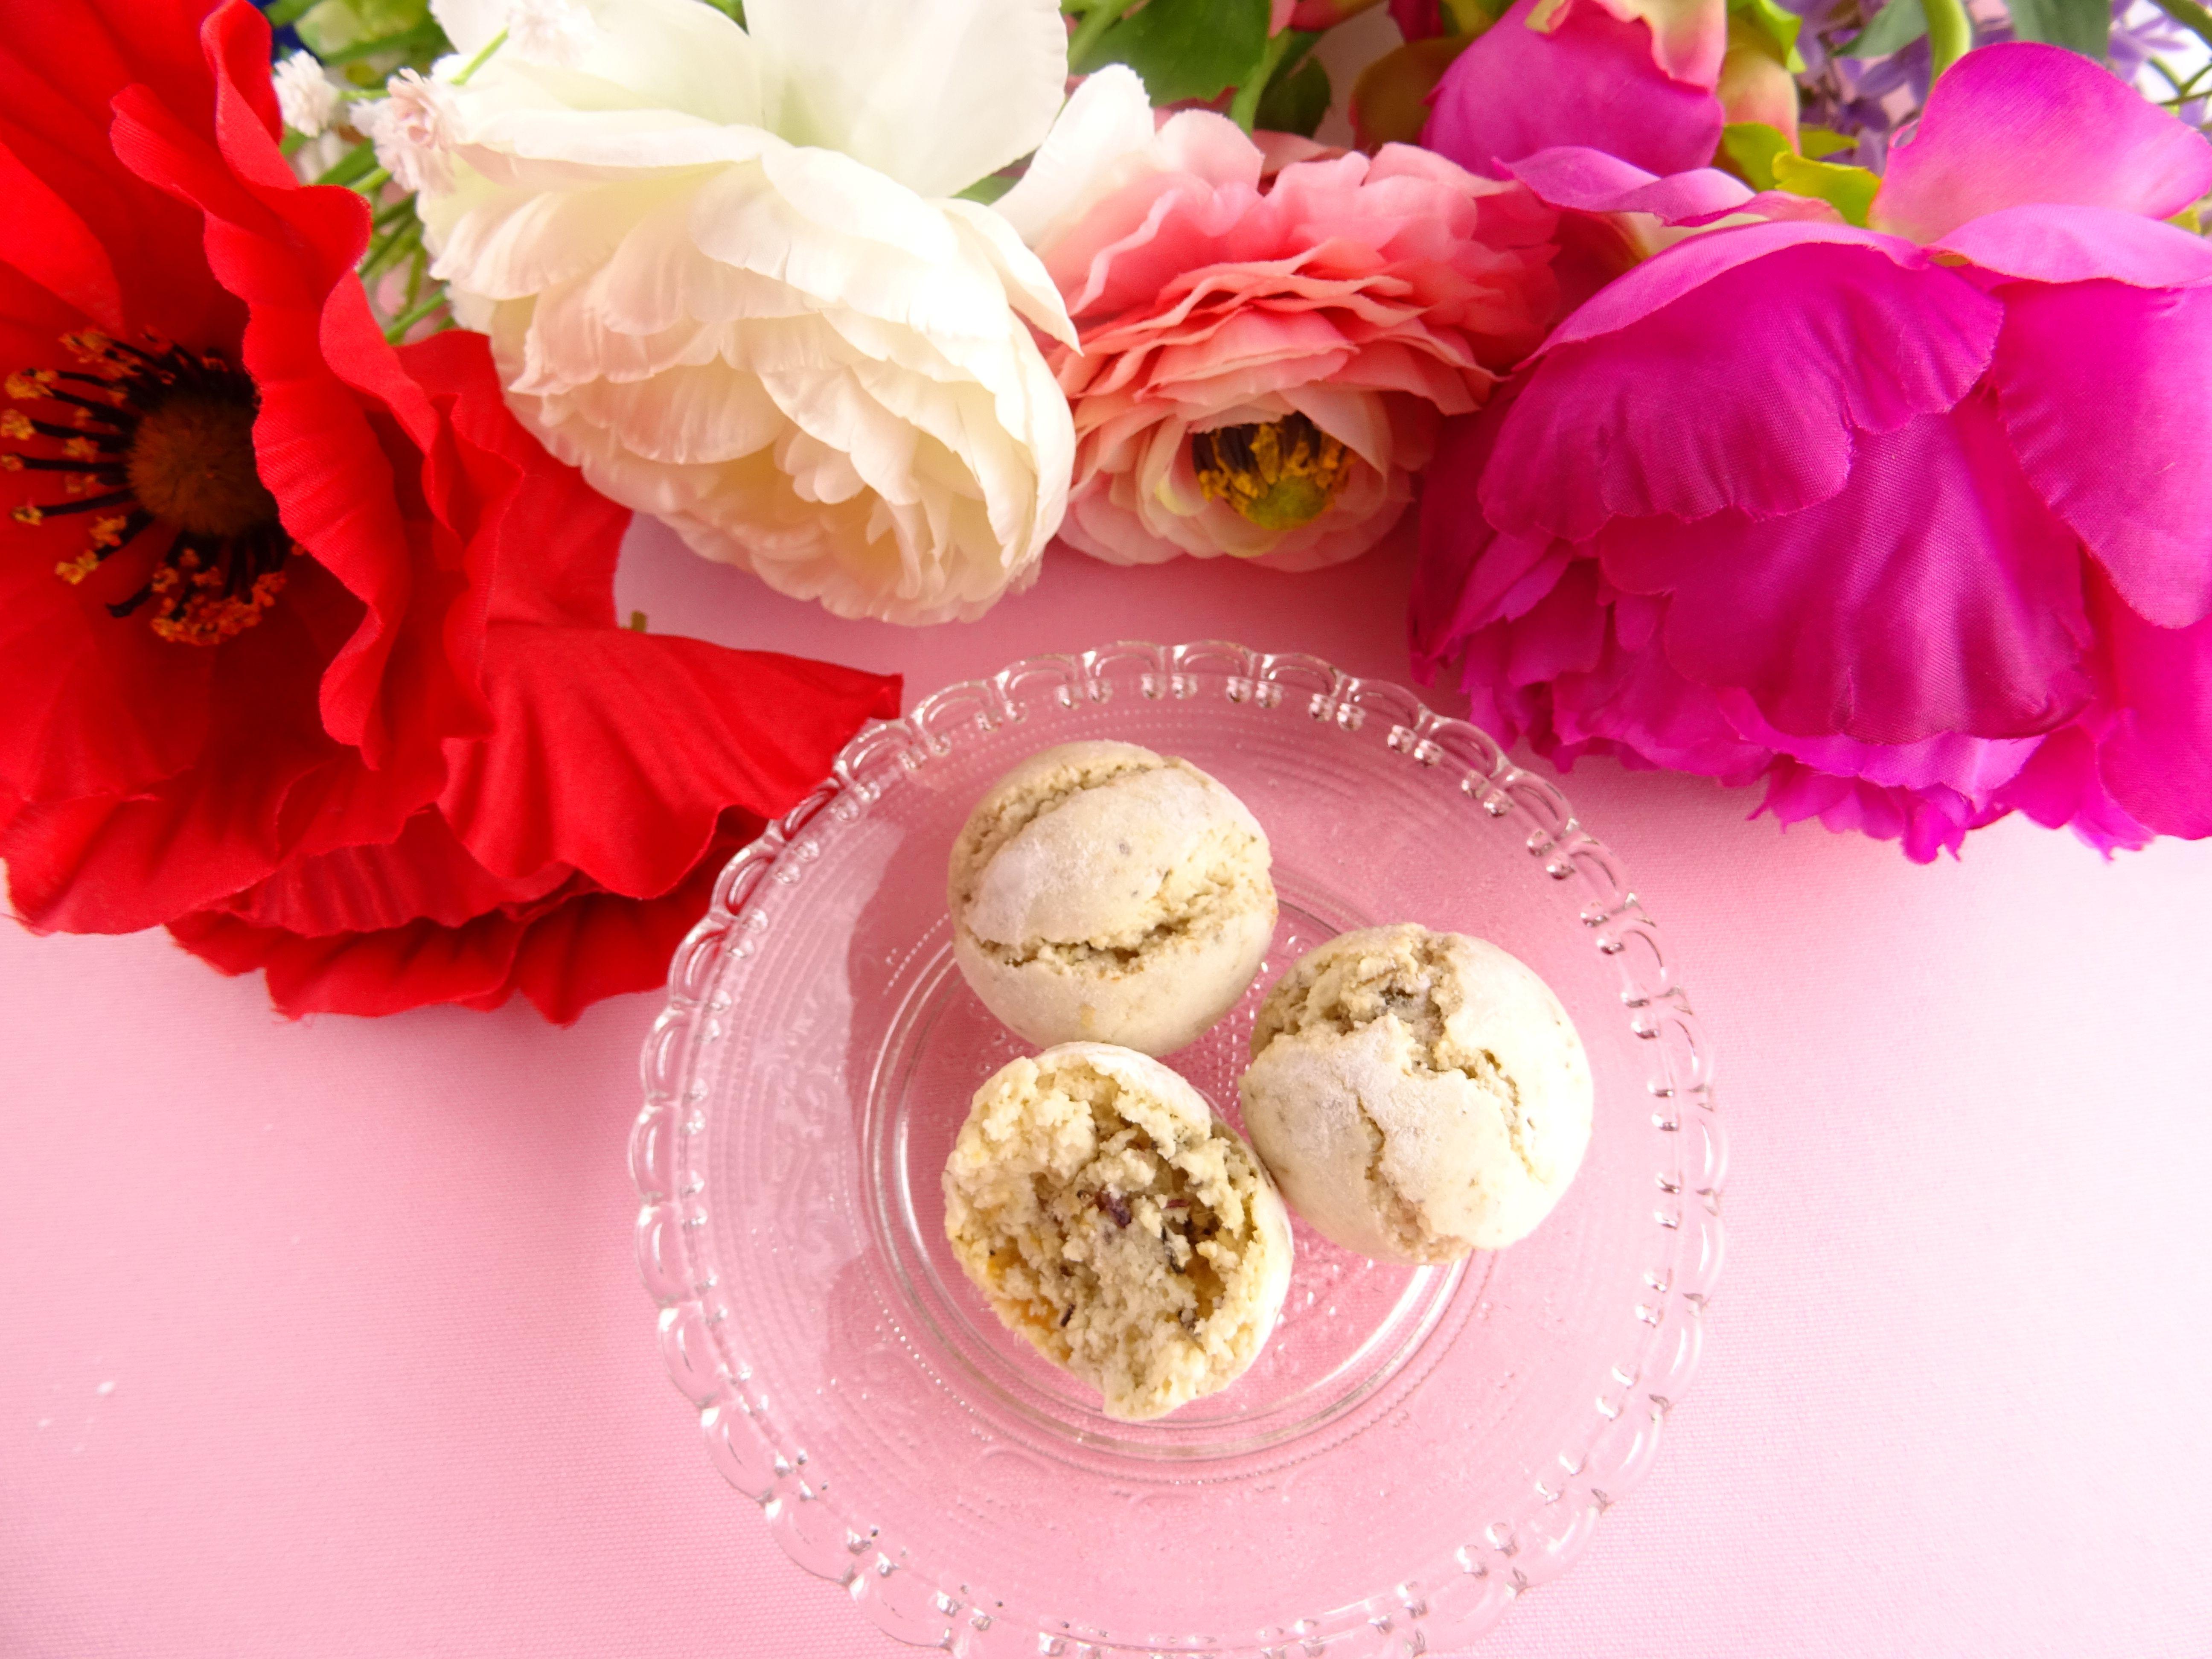 Pâtisseries aux fleurs comestibles. Fabrication française à la main avec amour. #